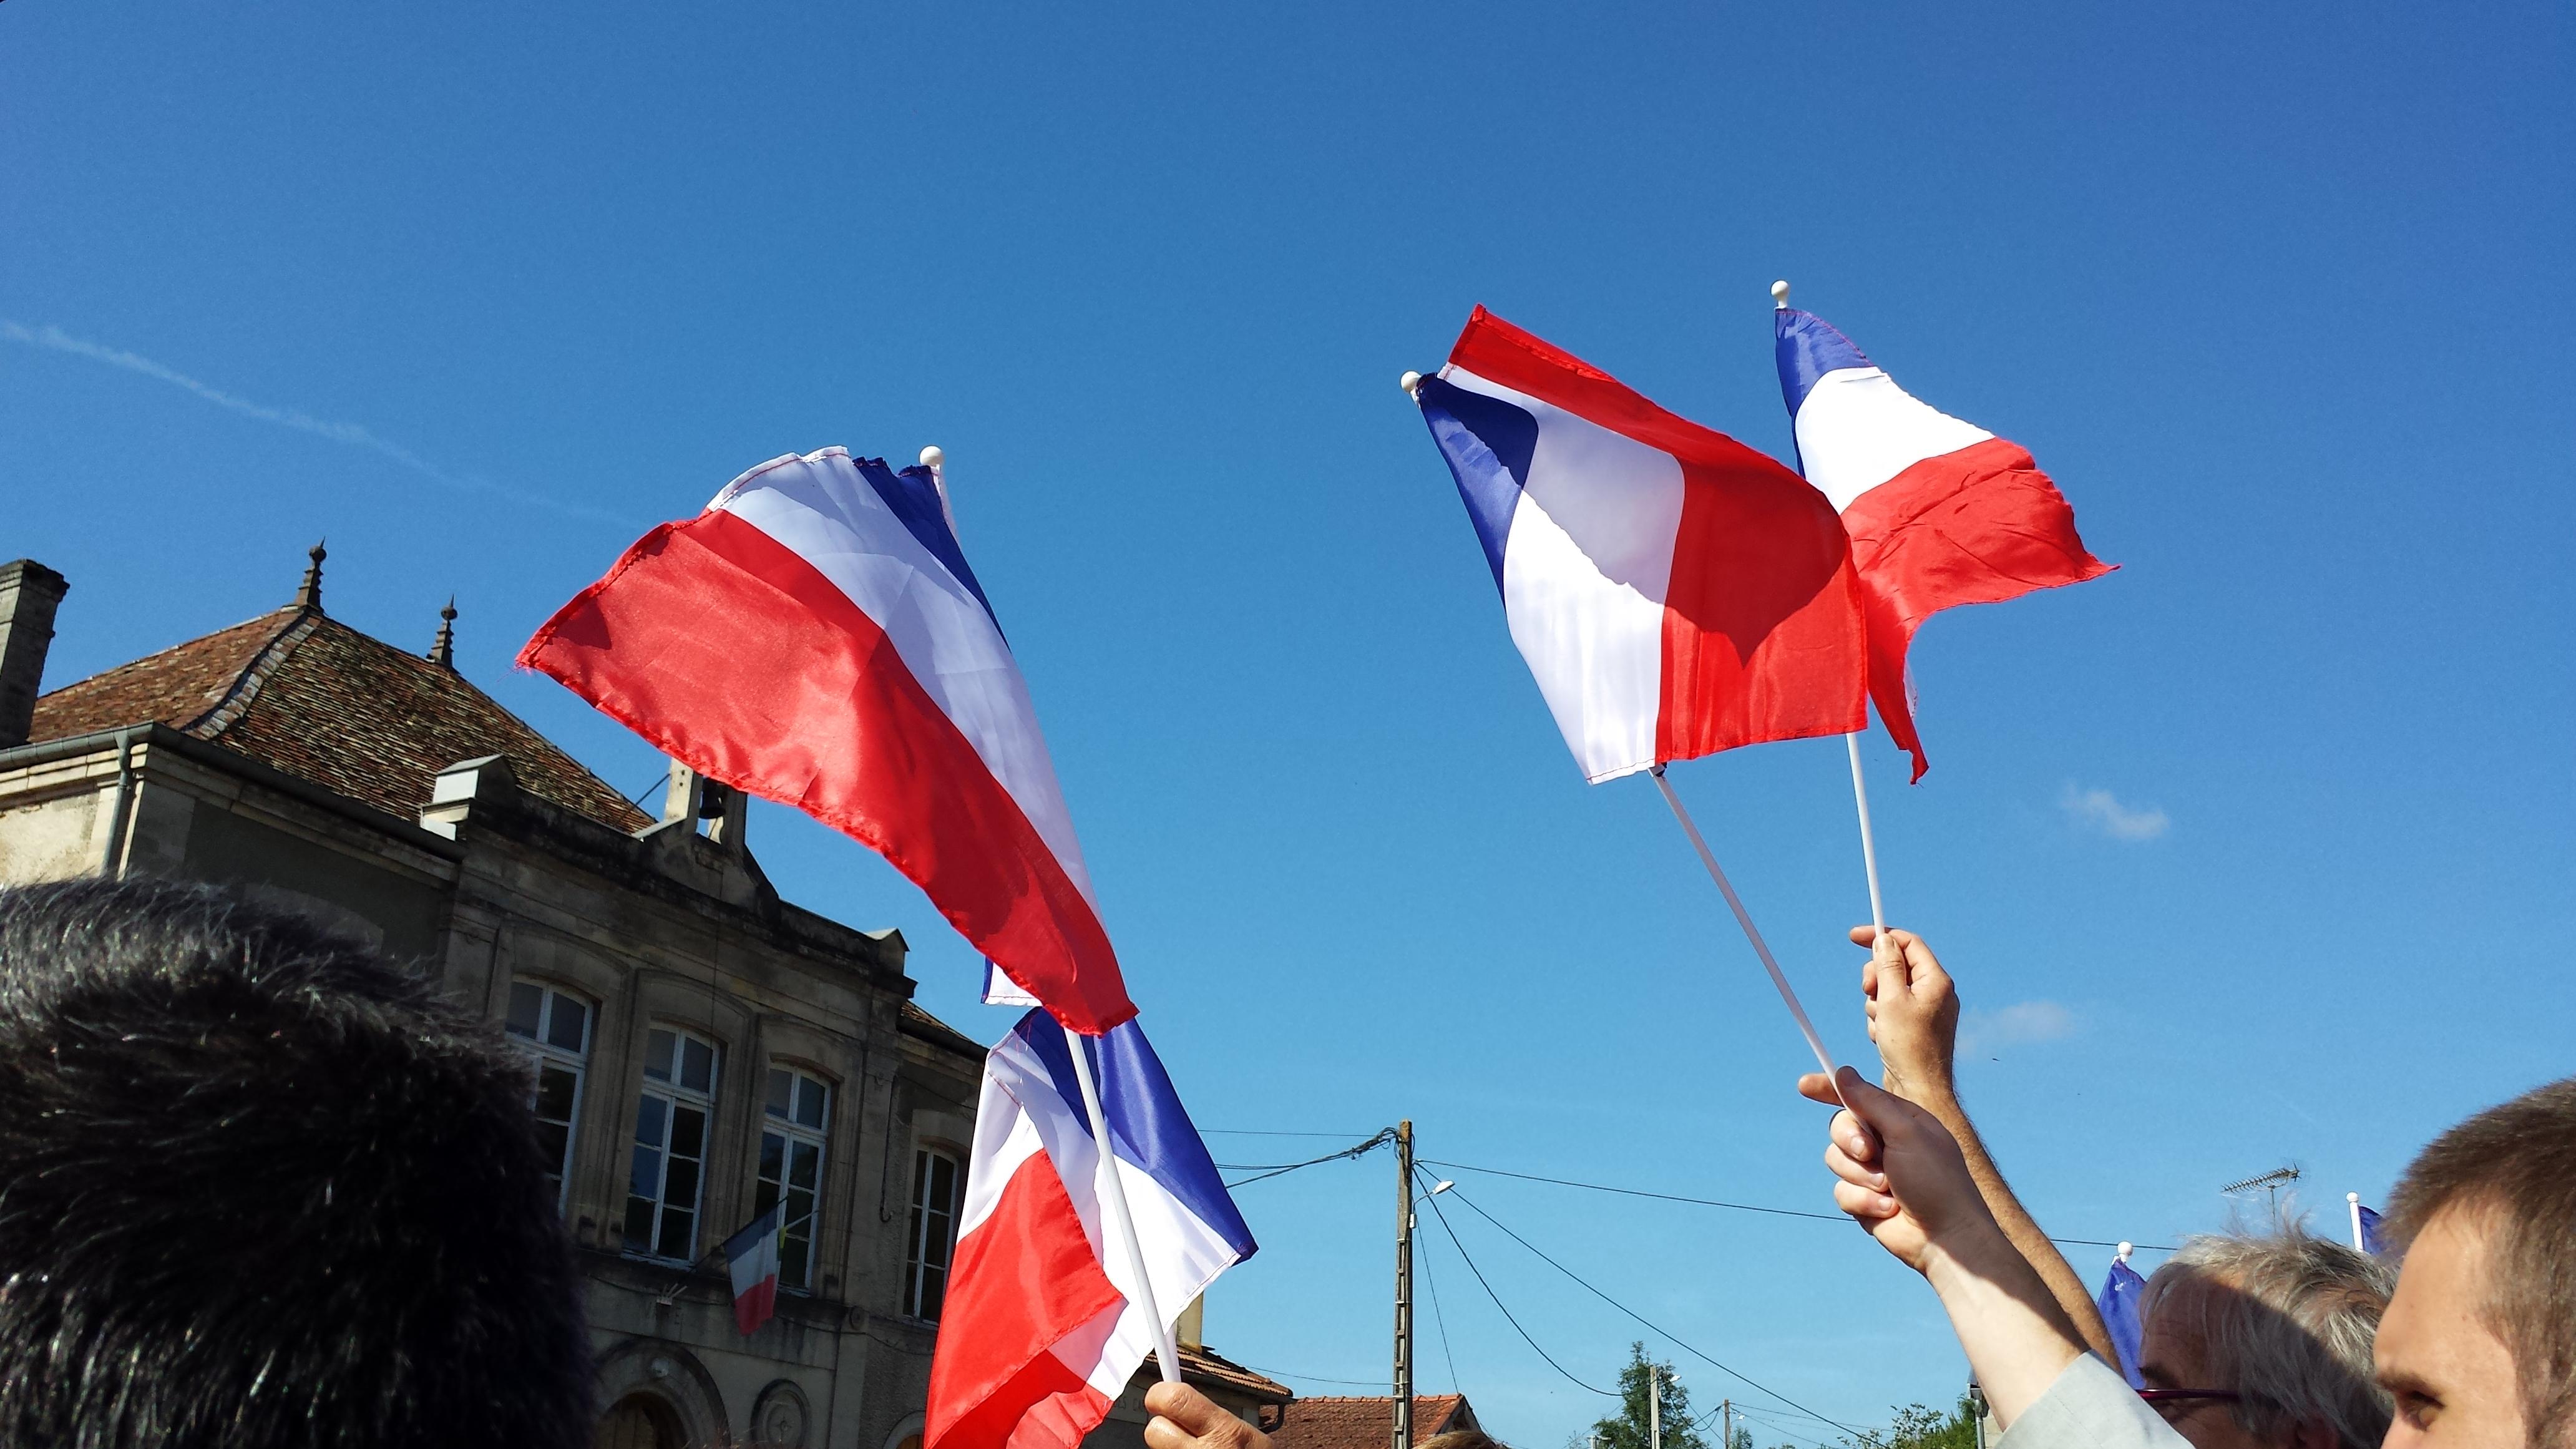 Il n'y a pas de drapeau européen sur le fronton de la mairie